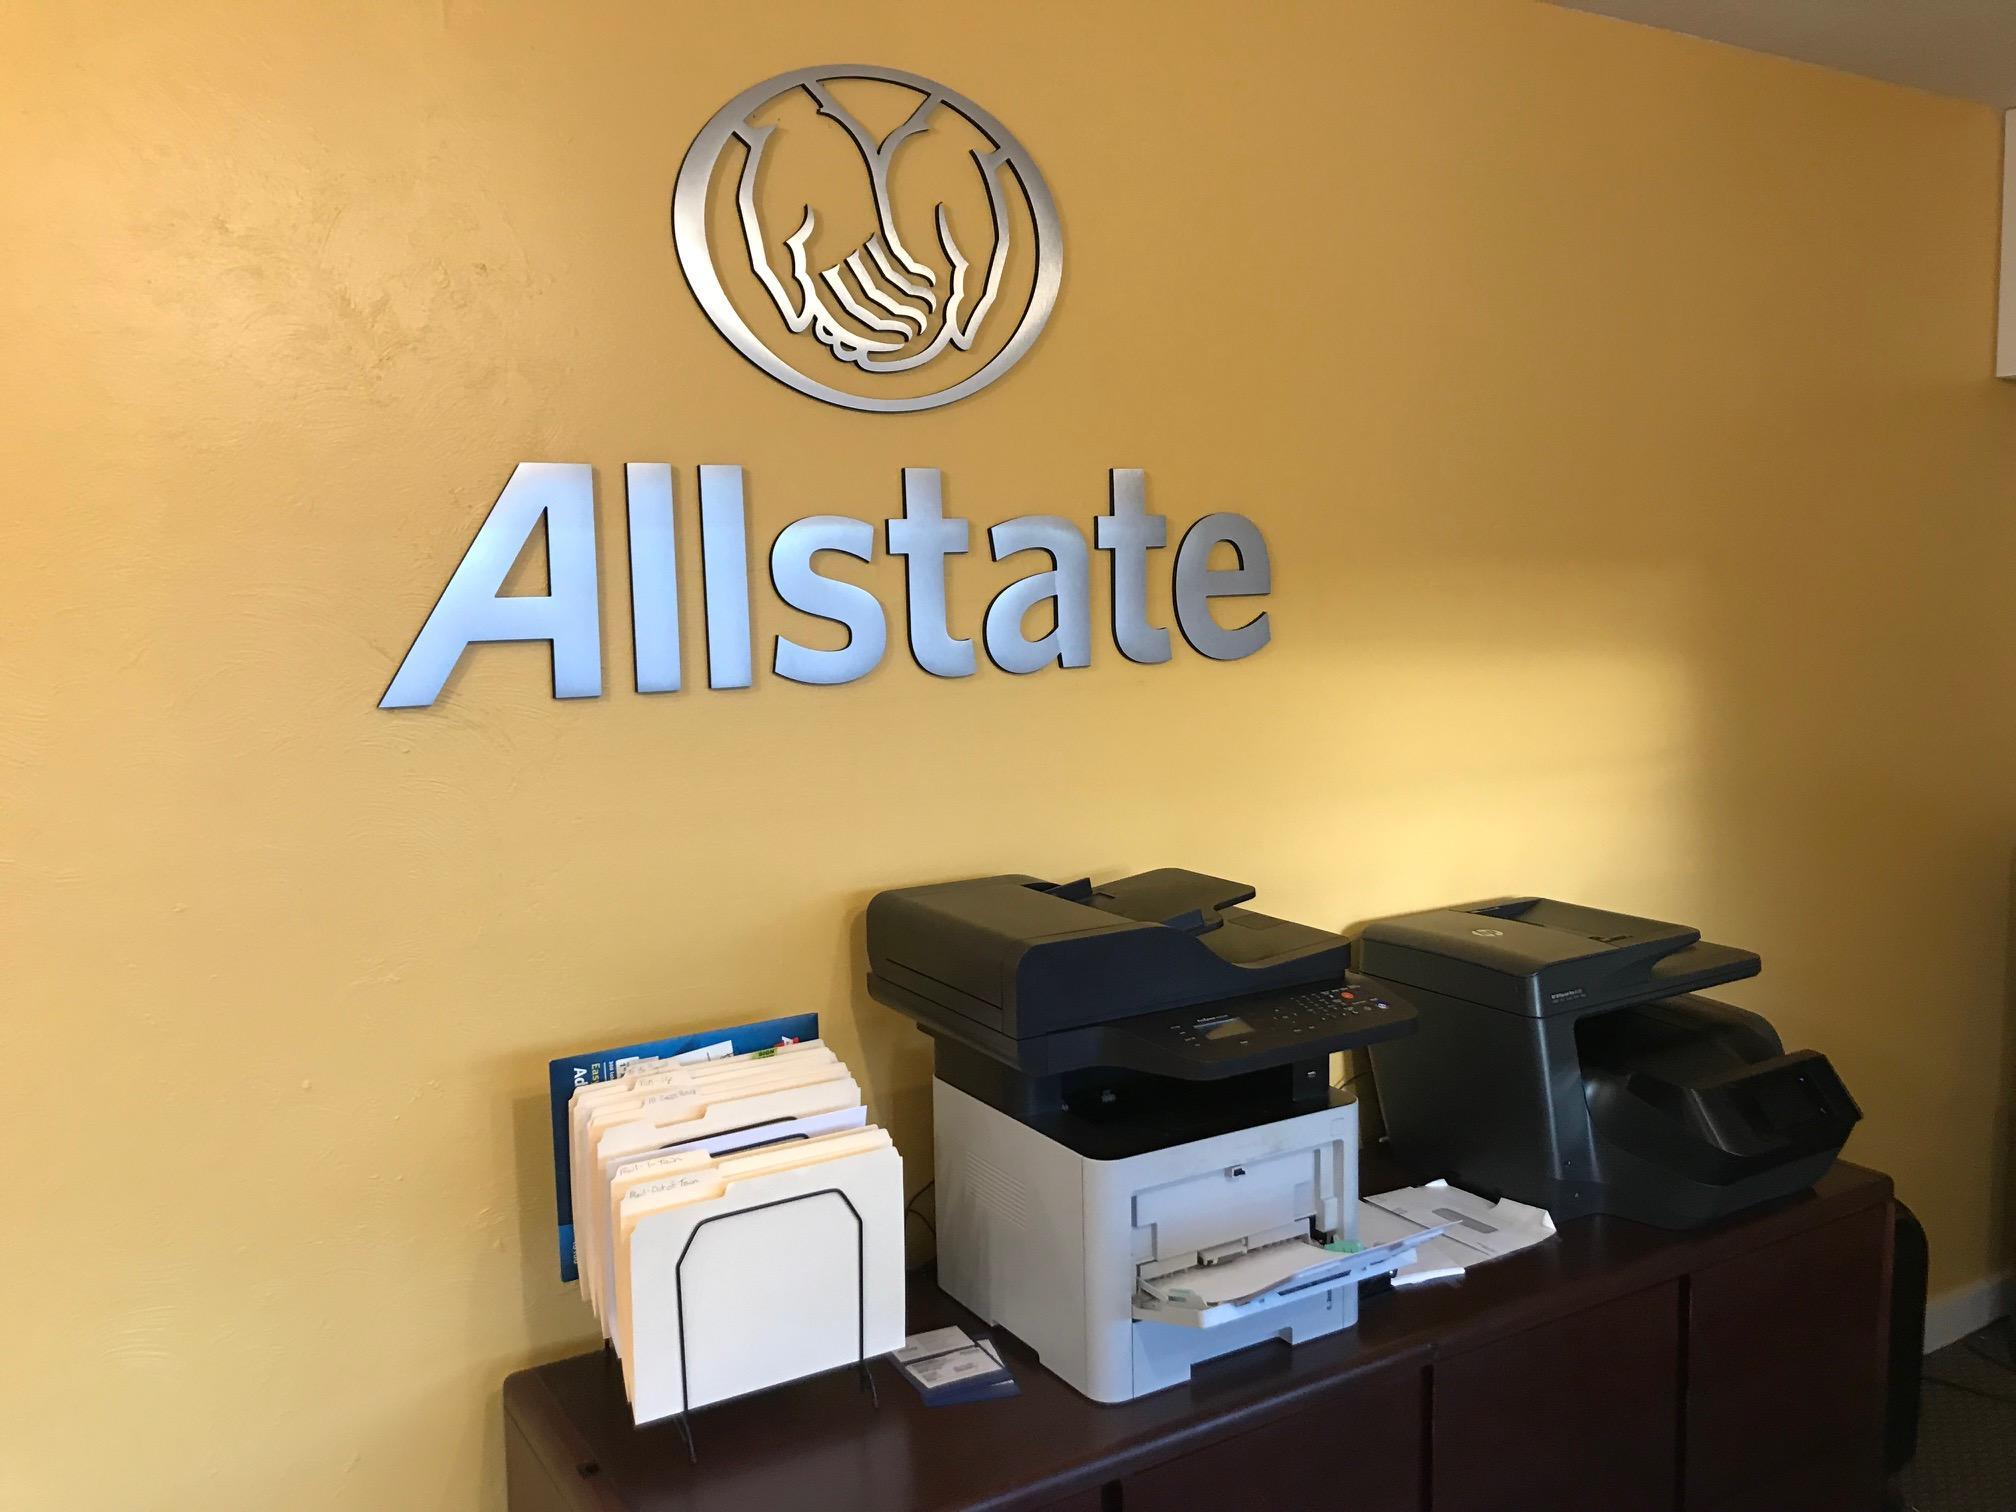 Rob LaVigne: Allstate Insurance image 2